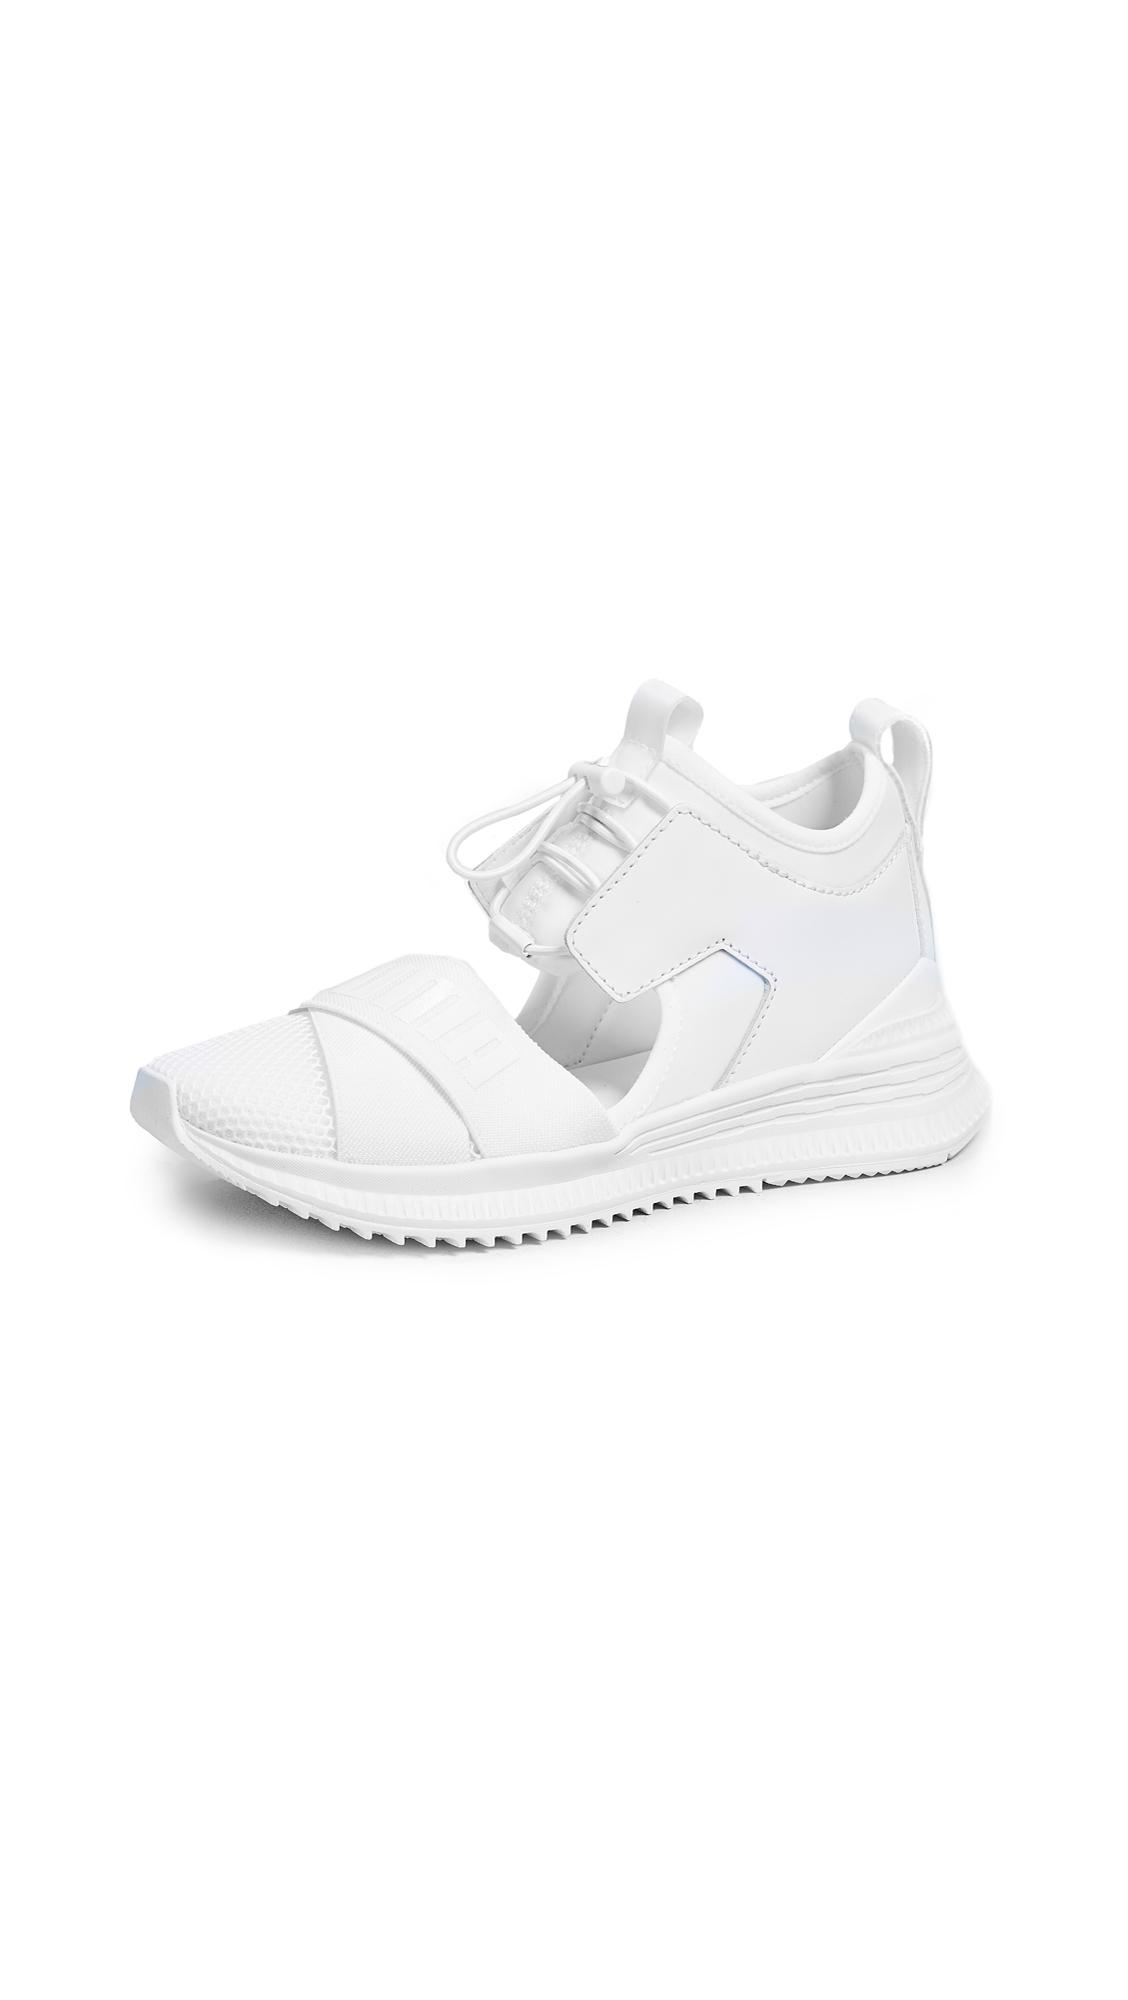 PUMA x FENTY Avid Sneakers - Puma White/Drizzle/Puma White